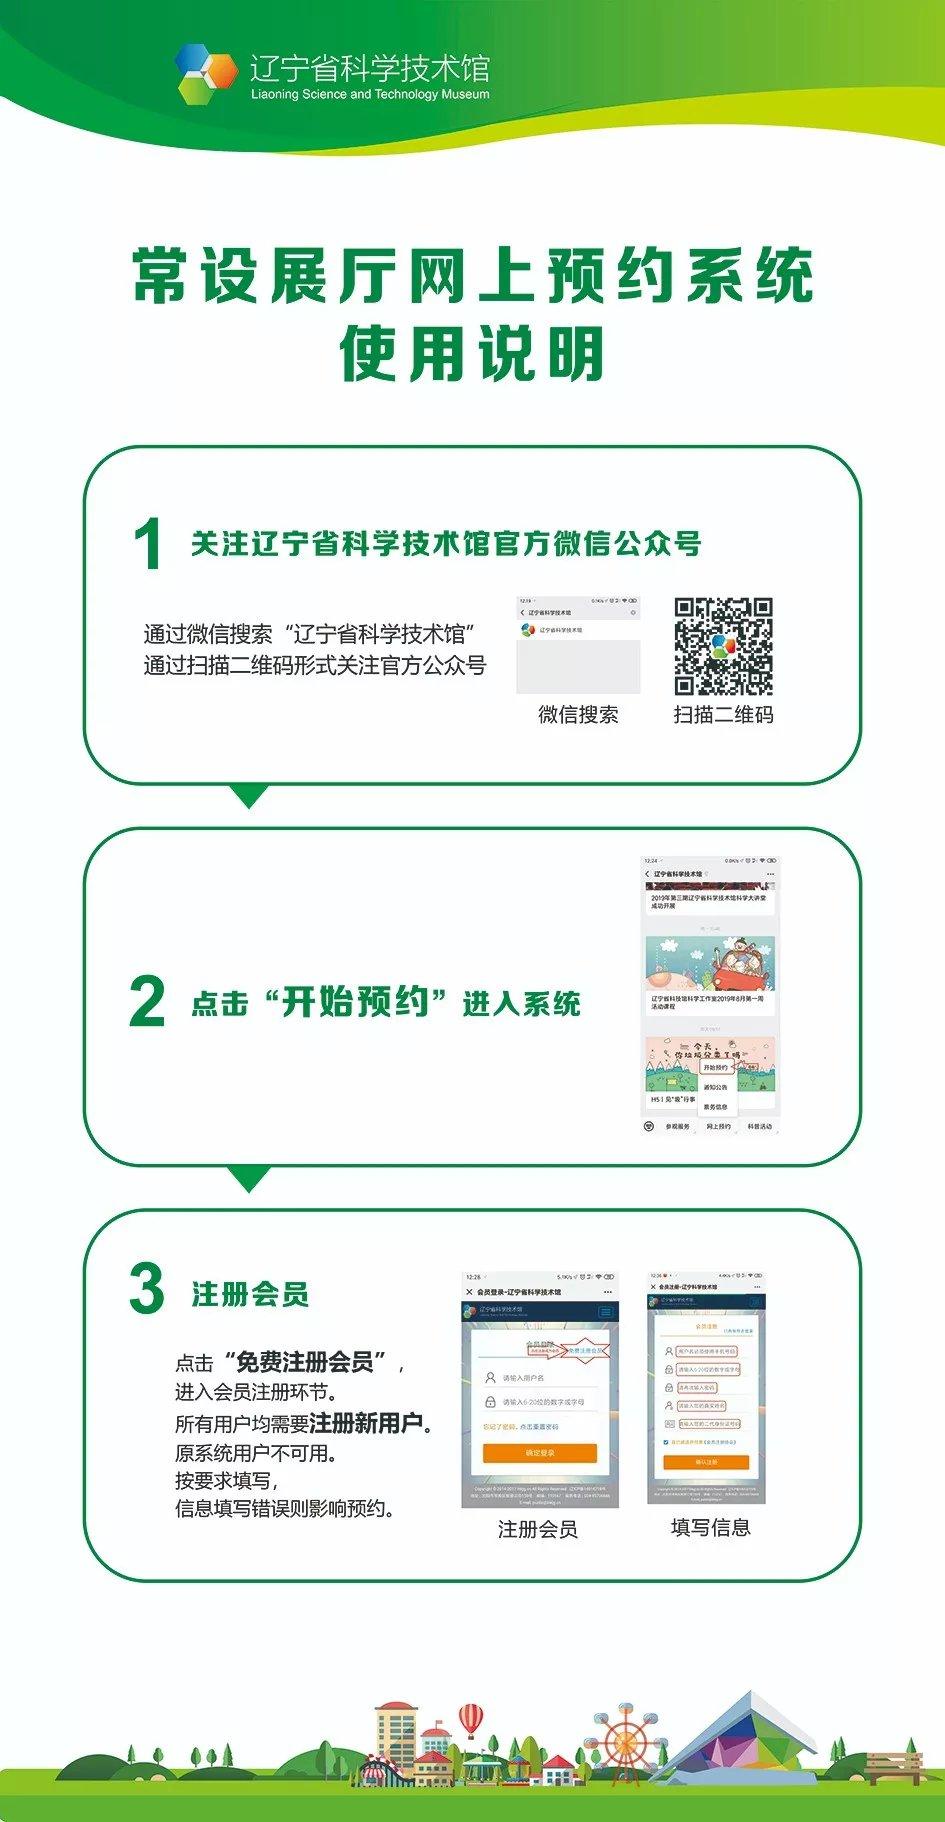 2020遼寧科技館門票網上預約指南